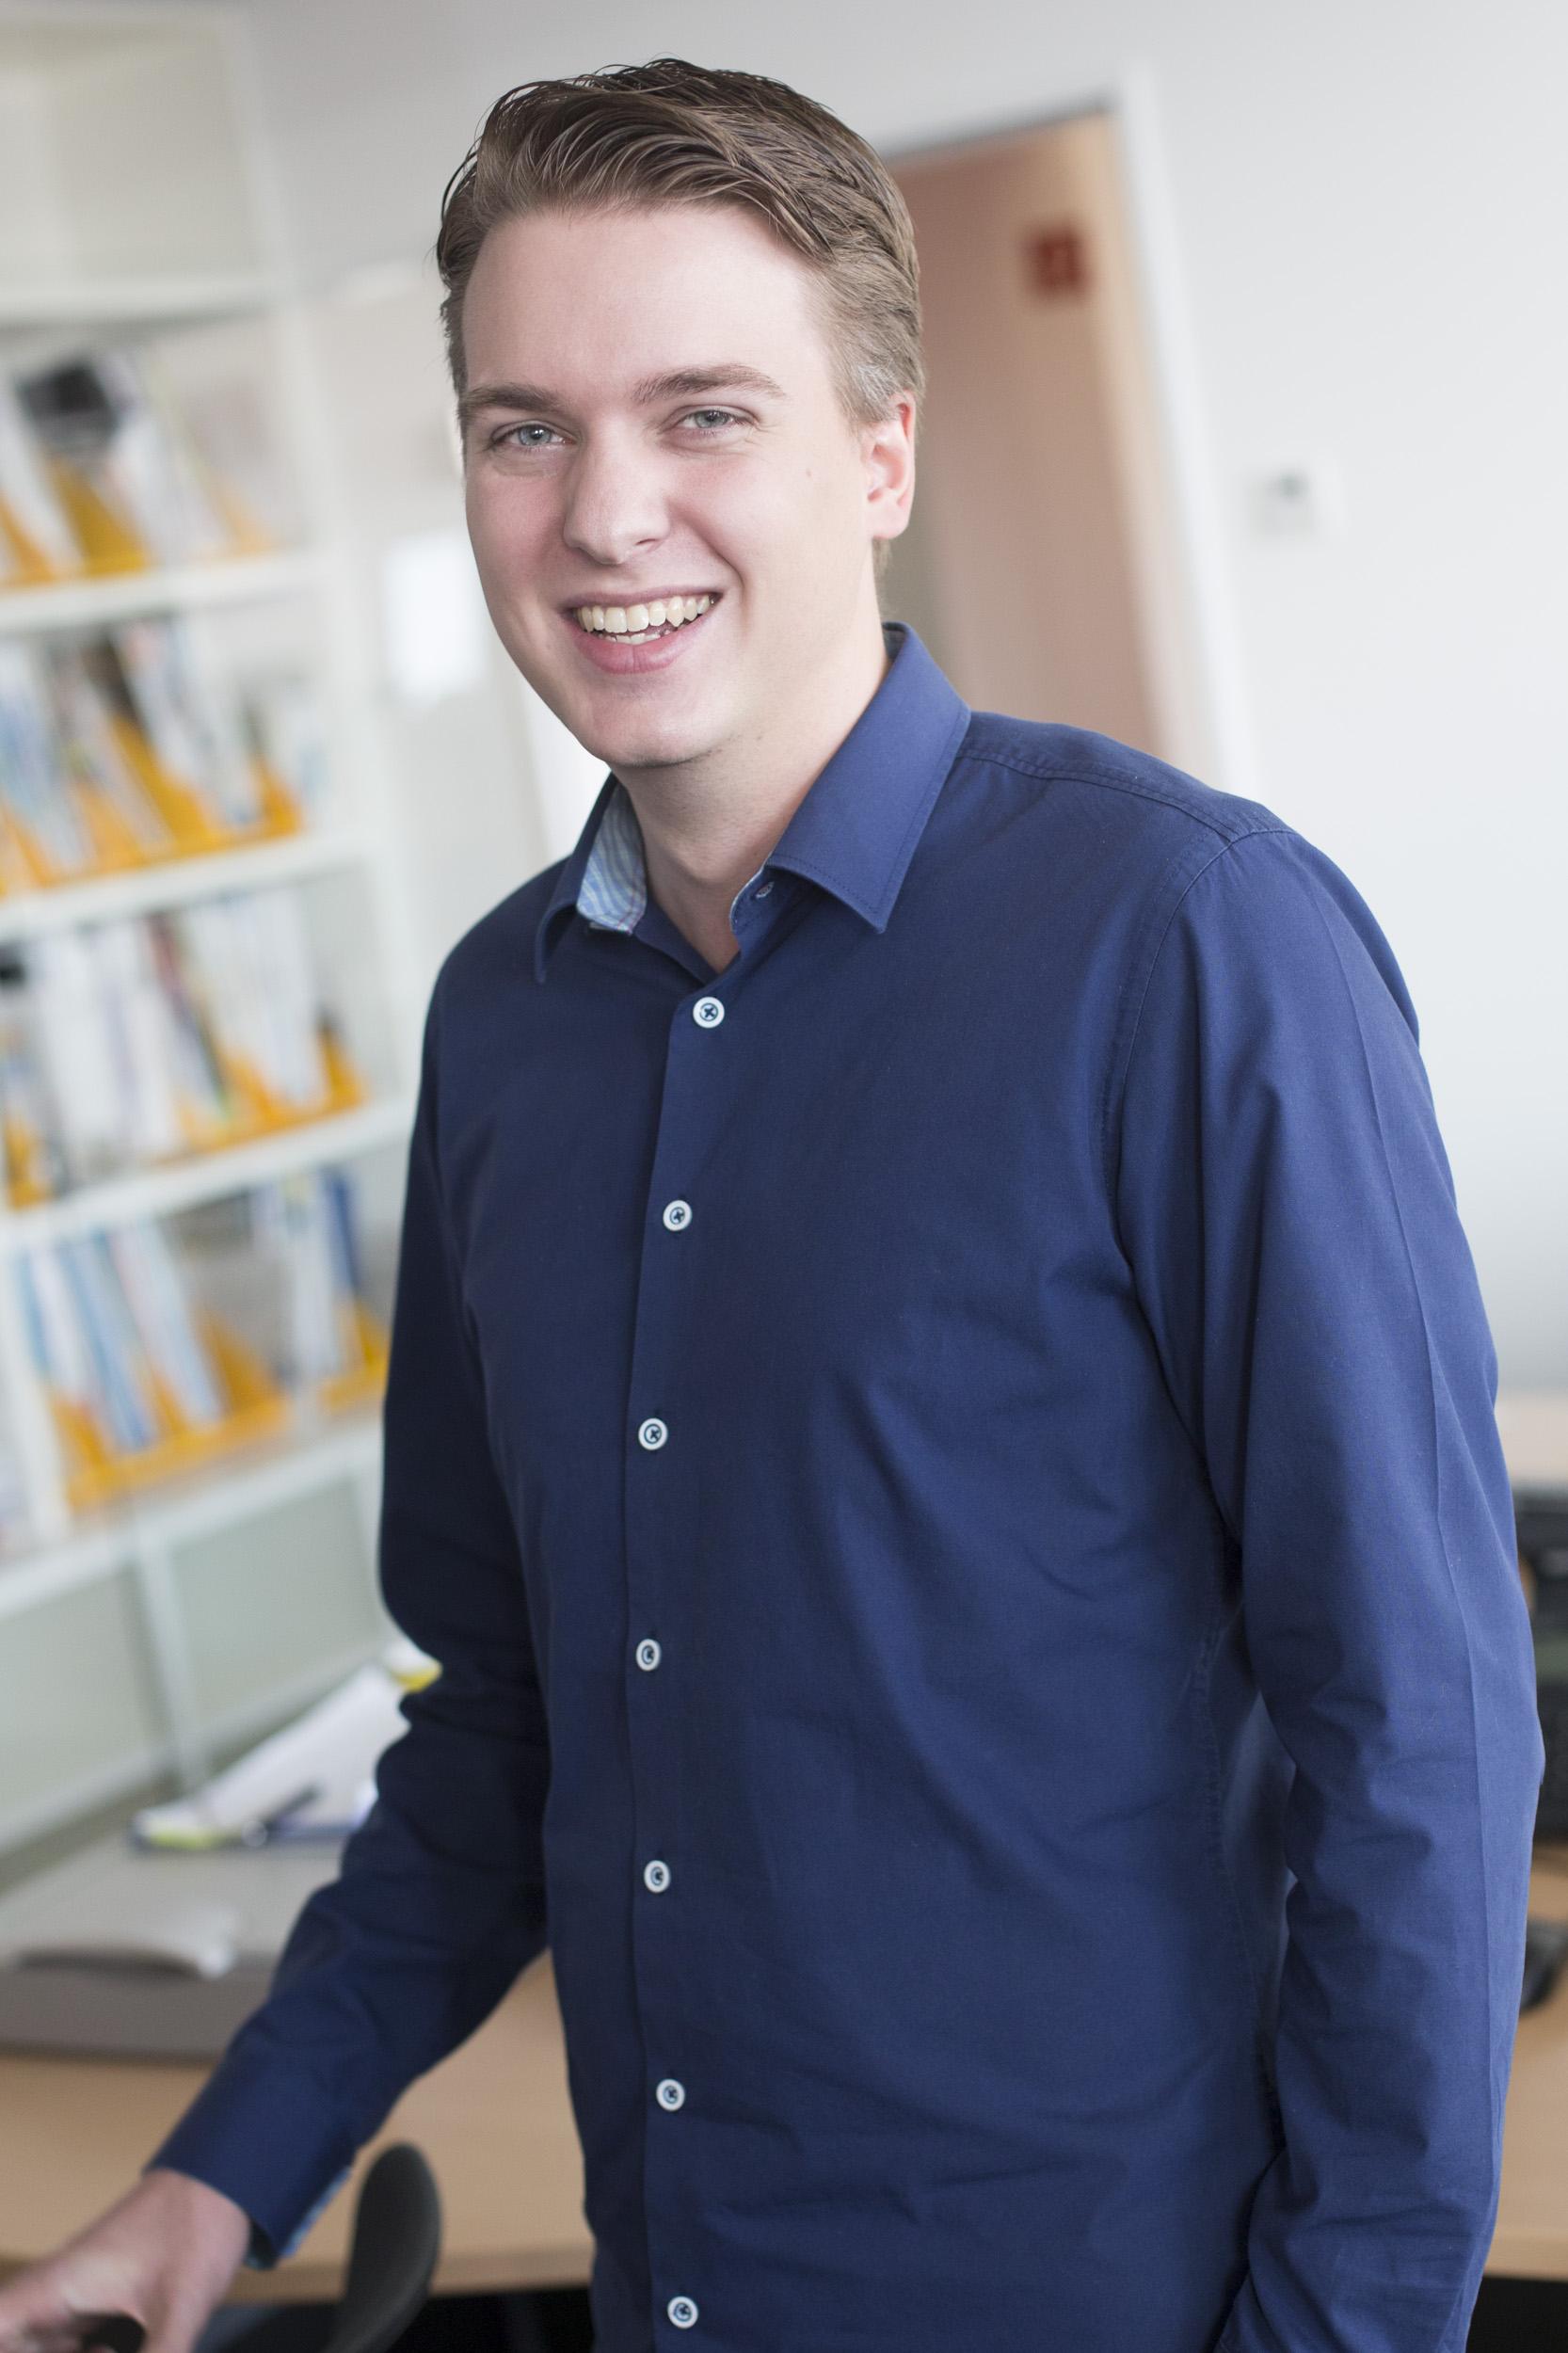 Max Trautmann